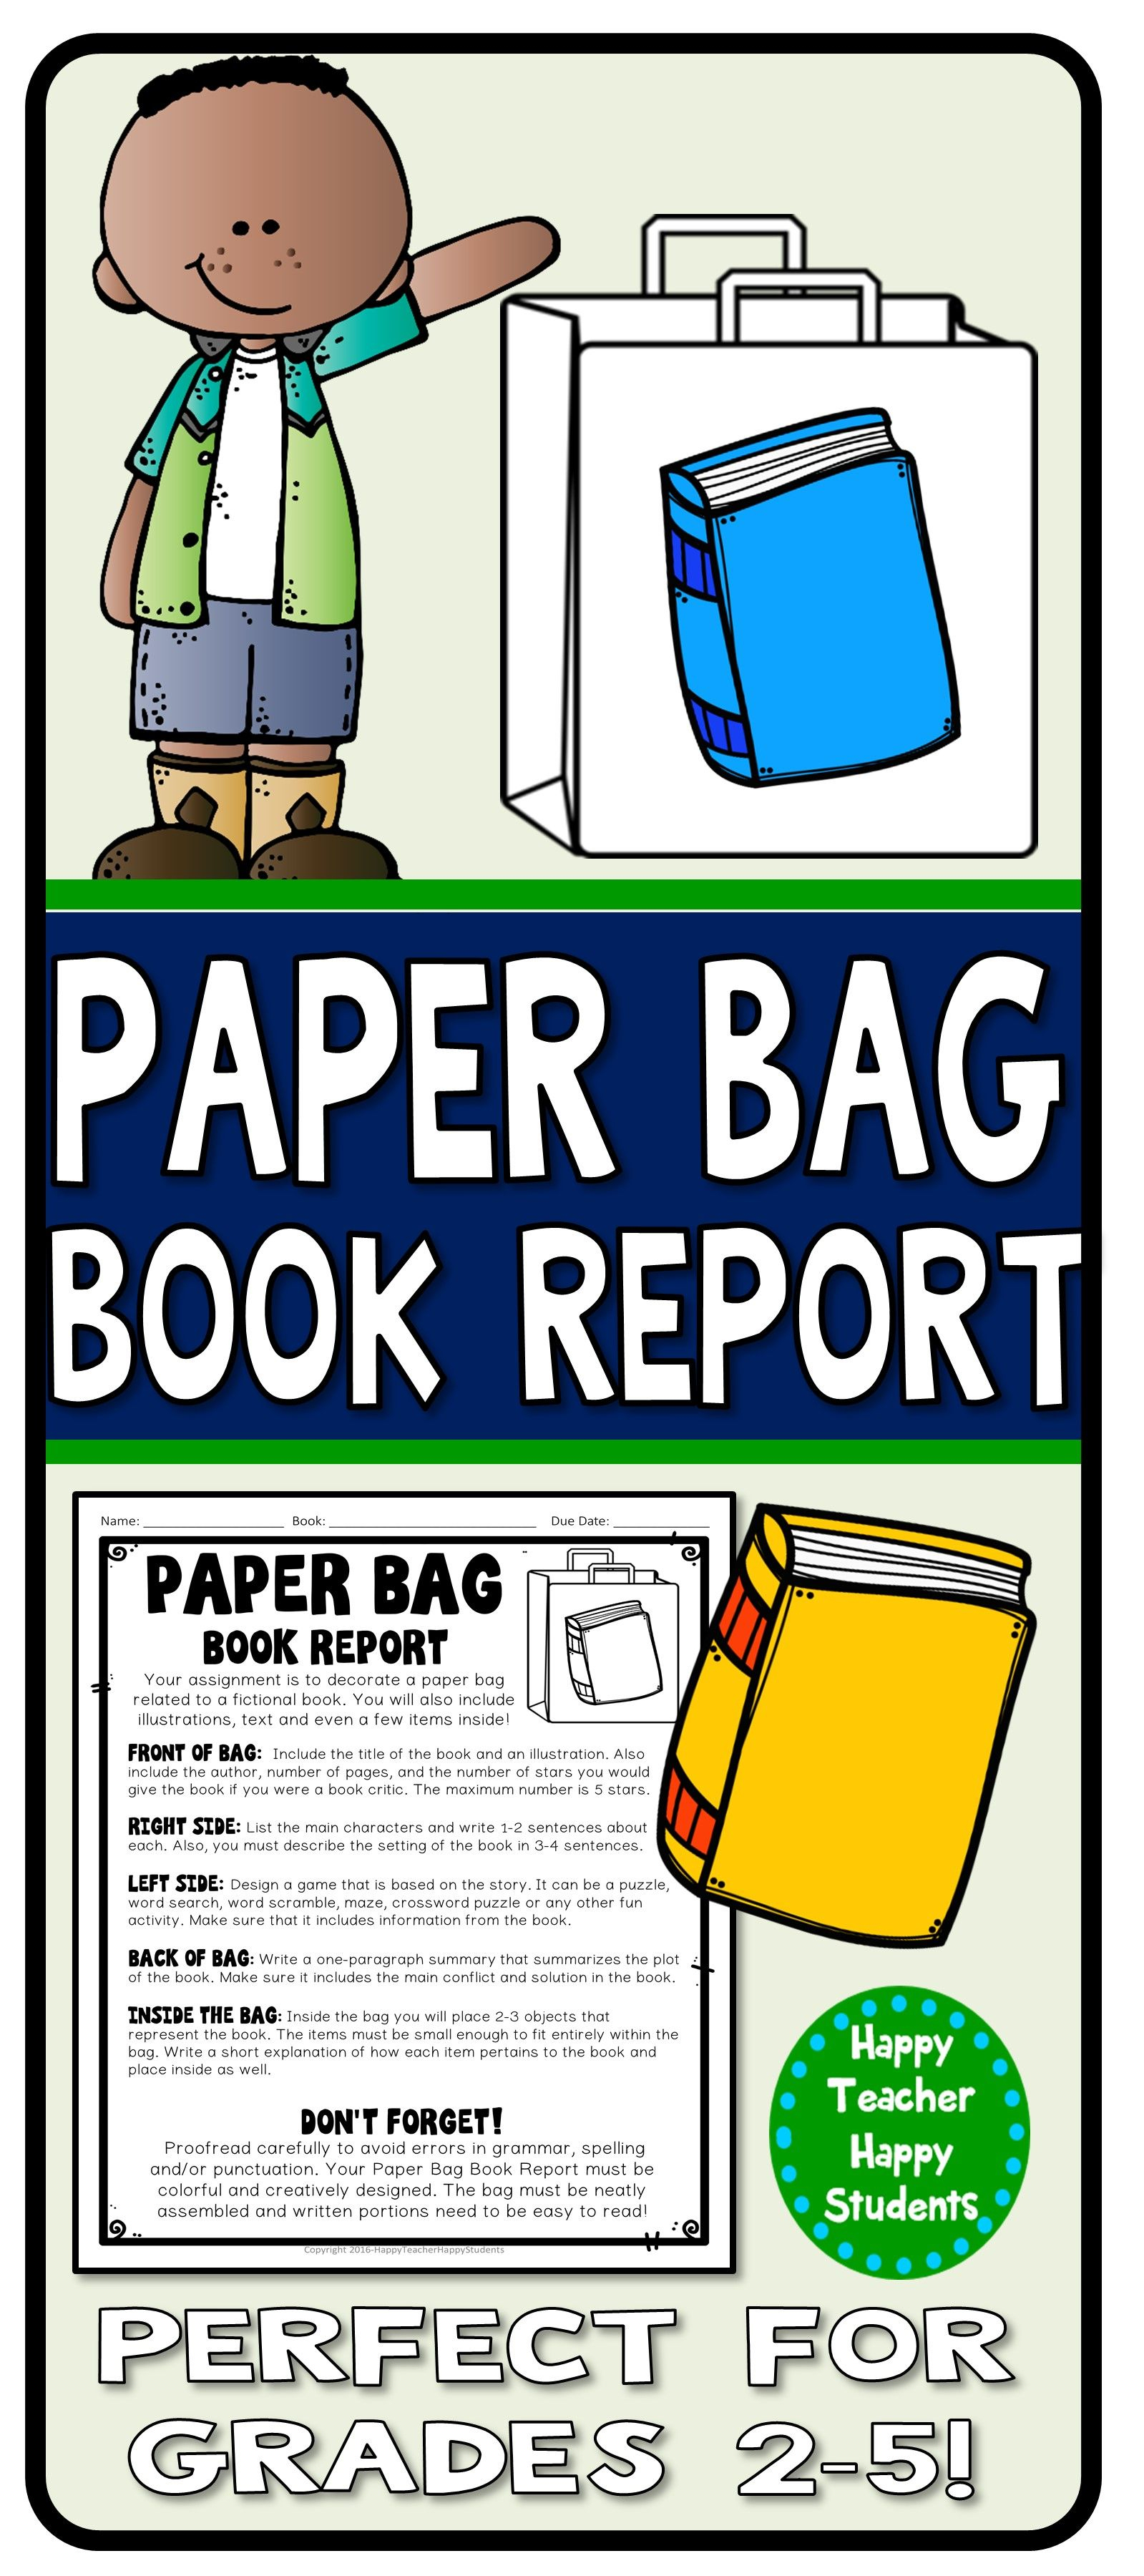 Paper Bag Book Report: Decorate A Paper Bag Based On A Within Paper Bag Book Report Template